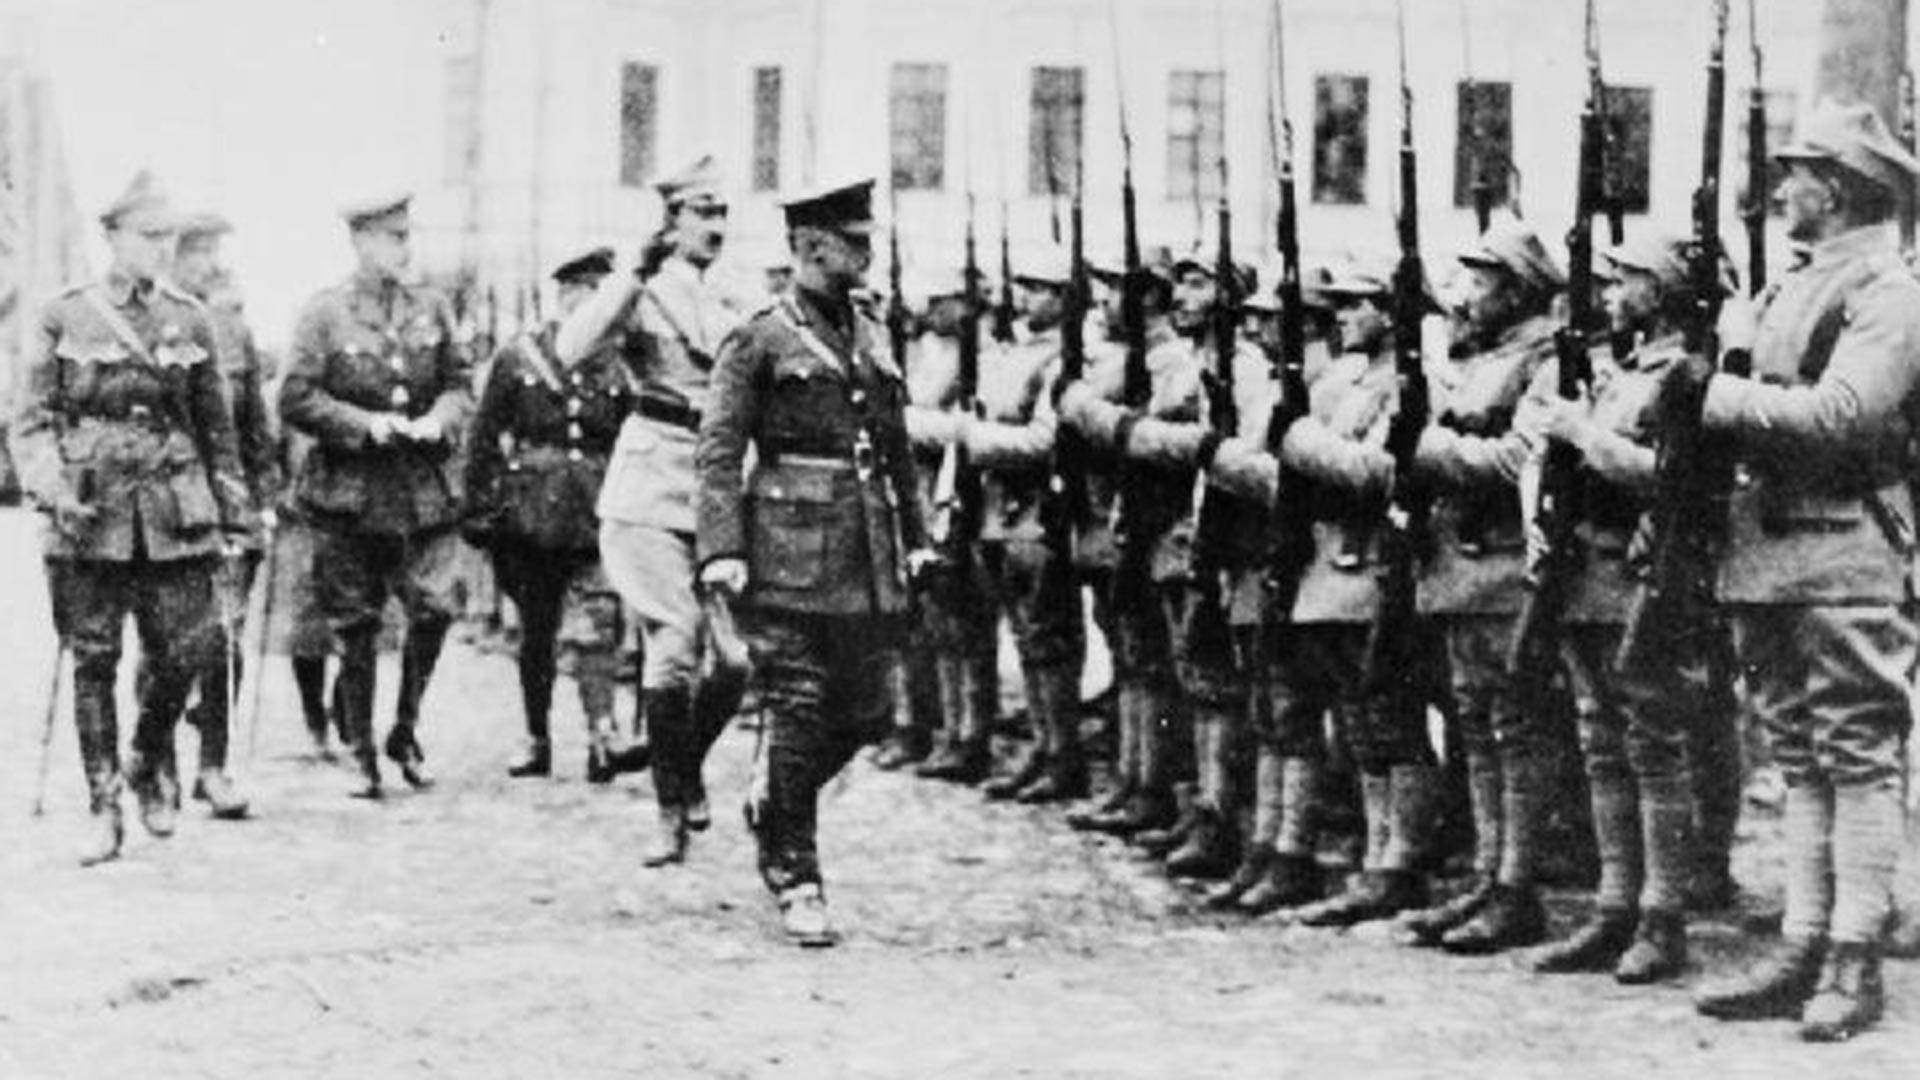 Perwira Polandia, Inggris, dan Prancis memeriksa detasemen pasukan Polandia yang disebut Batalion Murmansk sebelum keberangkatan mereka ke garis depan, Arkhangelsk, 1919.